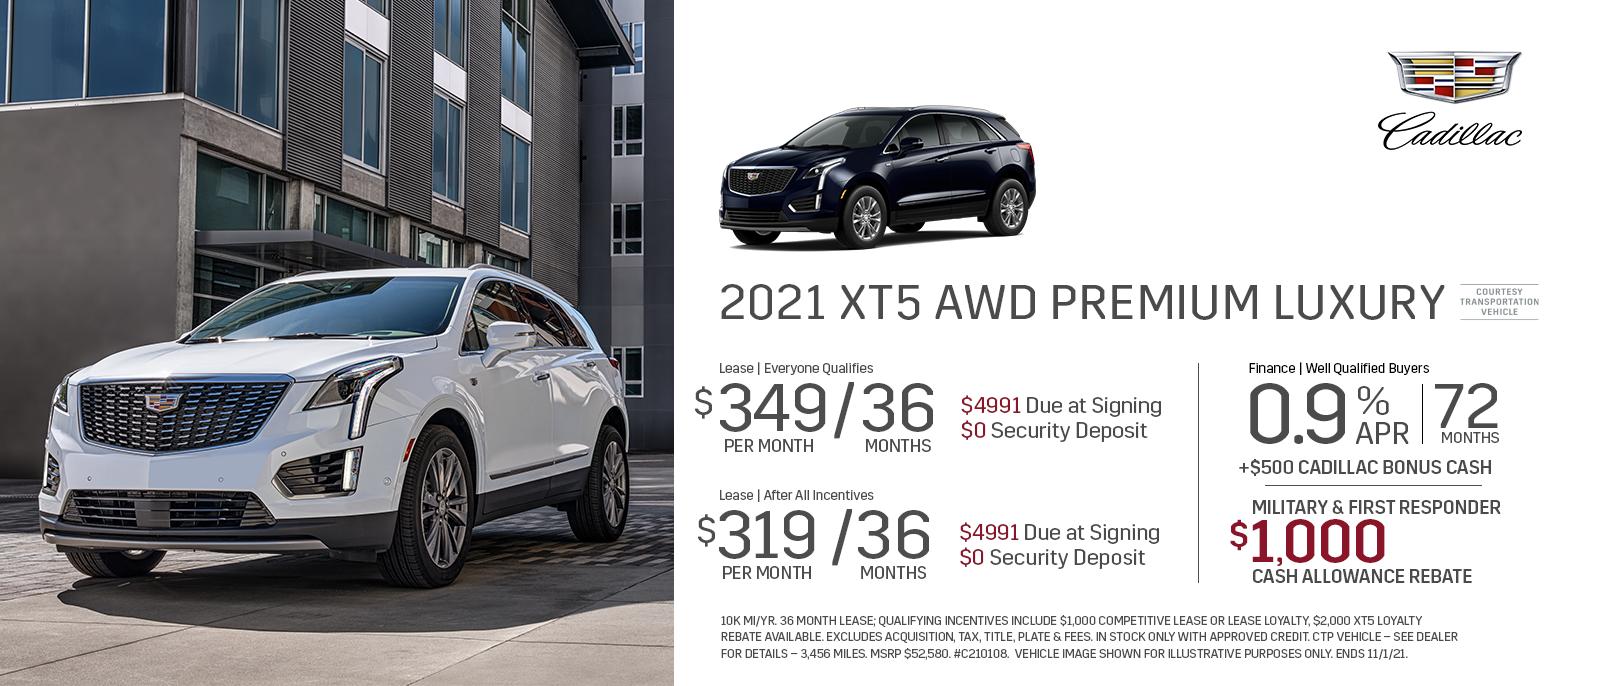 2021-XT5-Premium-Luxury